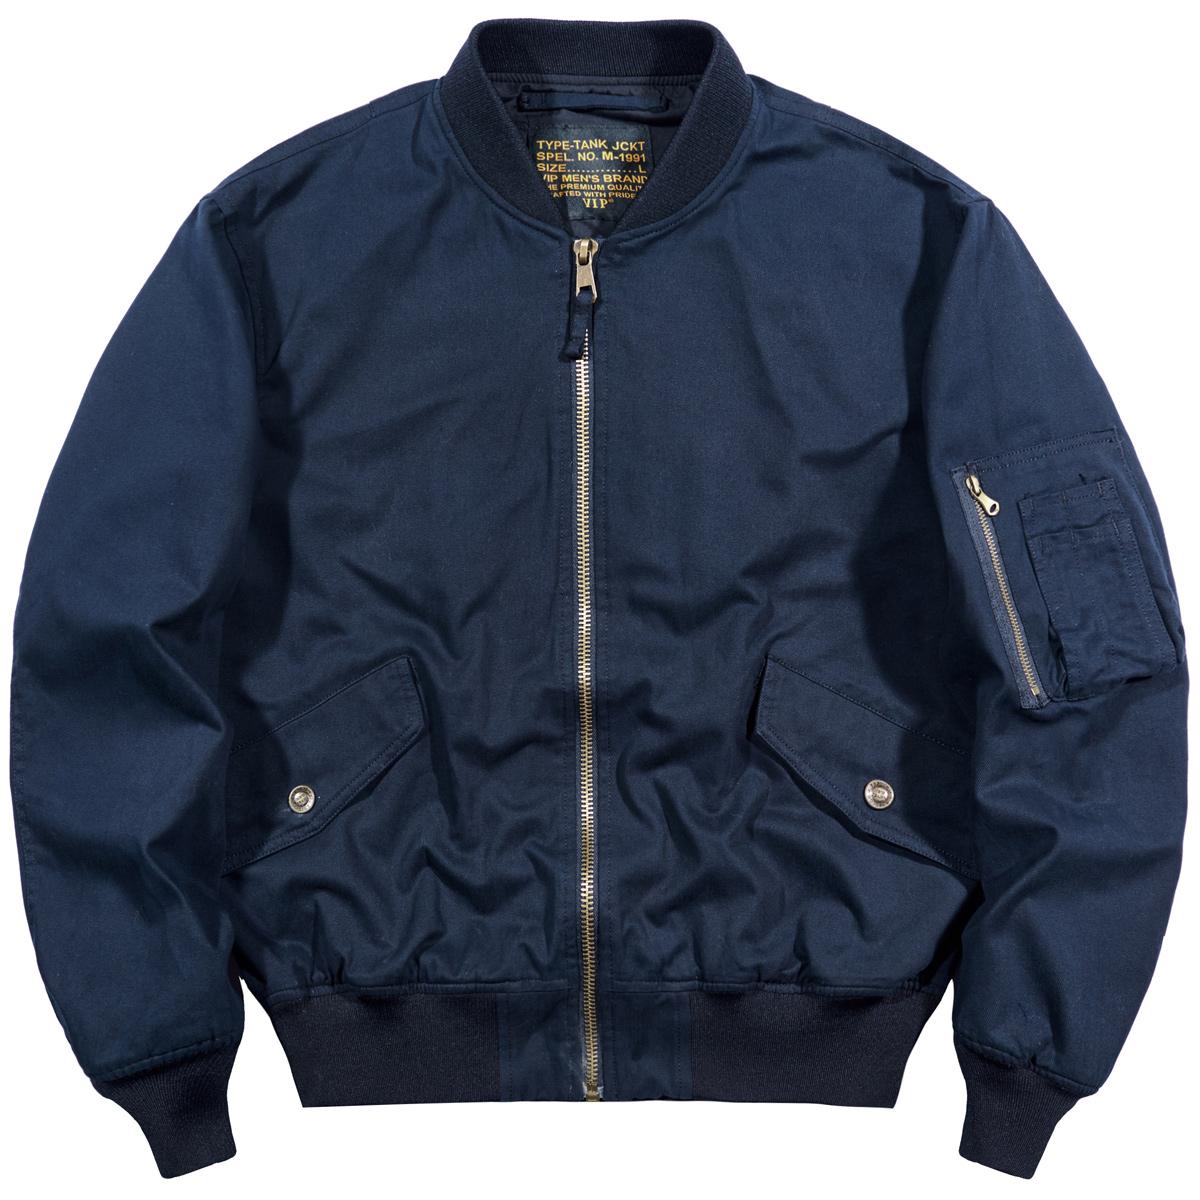 VIP春季空军ma1飞行员夹克男潮牌棒球服大码宽松工装外套纯棉上衣